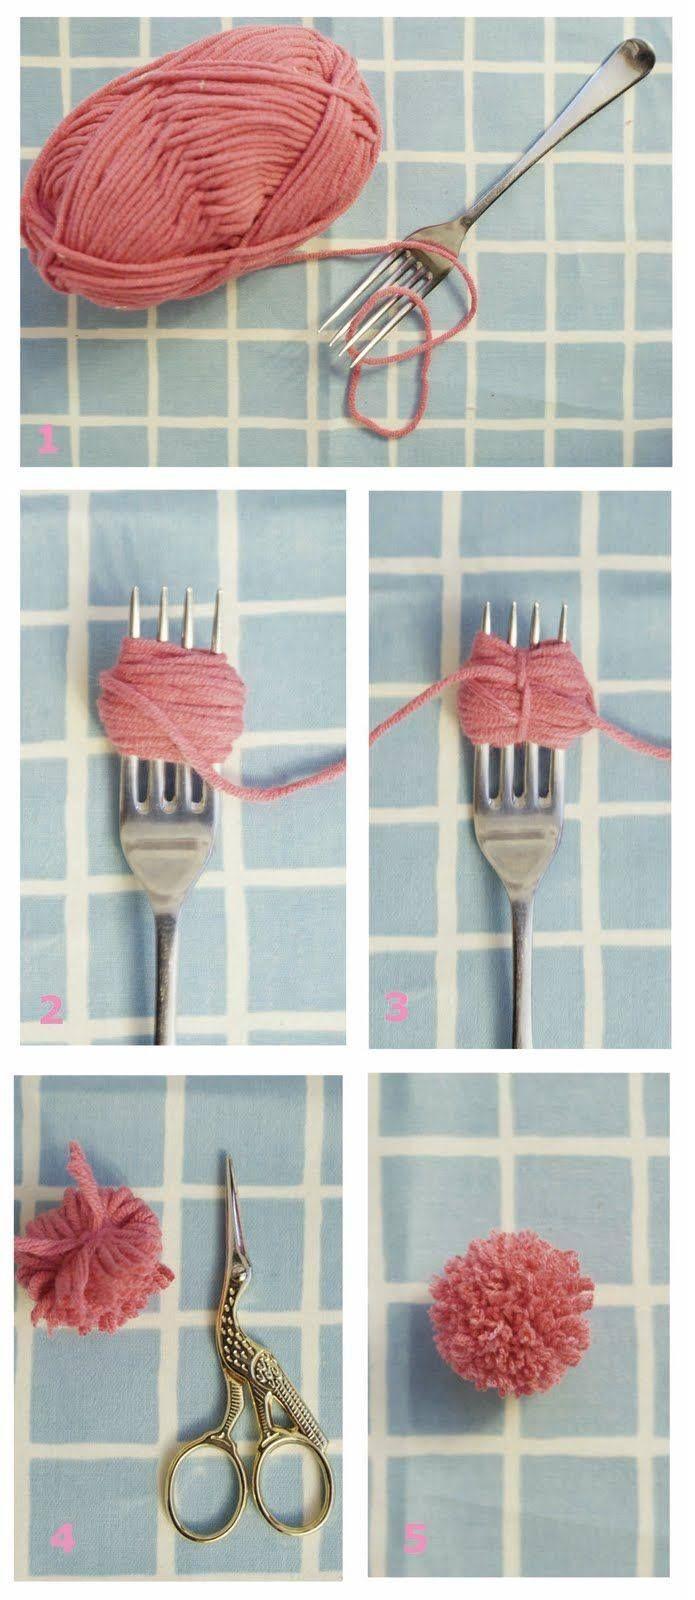 Pompom slingers maken met een vork. Leuk om een middag te doen tijdens een kinderfeestje. In vrolijke kleurtjes. Vanaf 5 euro p.p. met drinken en lekkers. Mail voor meer info info@stiksels.com